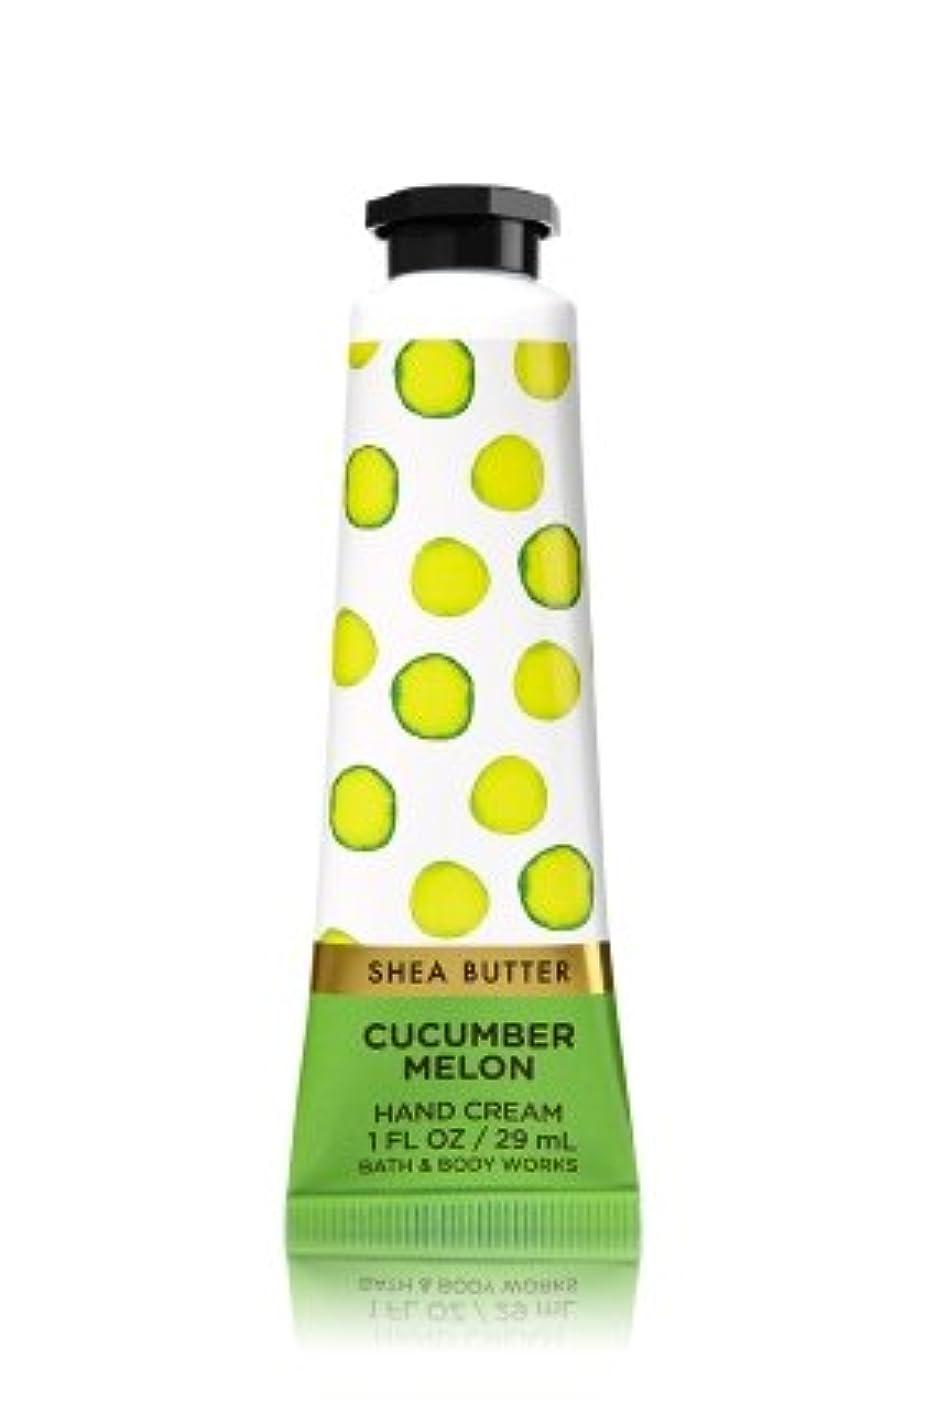 バス&ボディワークス キューカンバーメロン Cucumber Melon ハンドクリーム (並行輸入品) [並行輸入品]